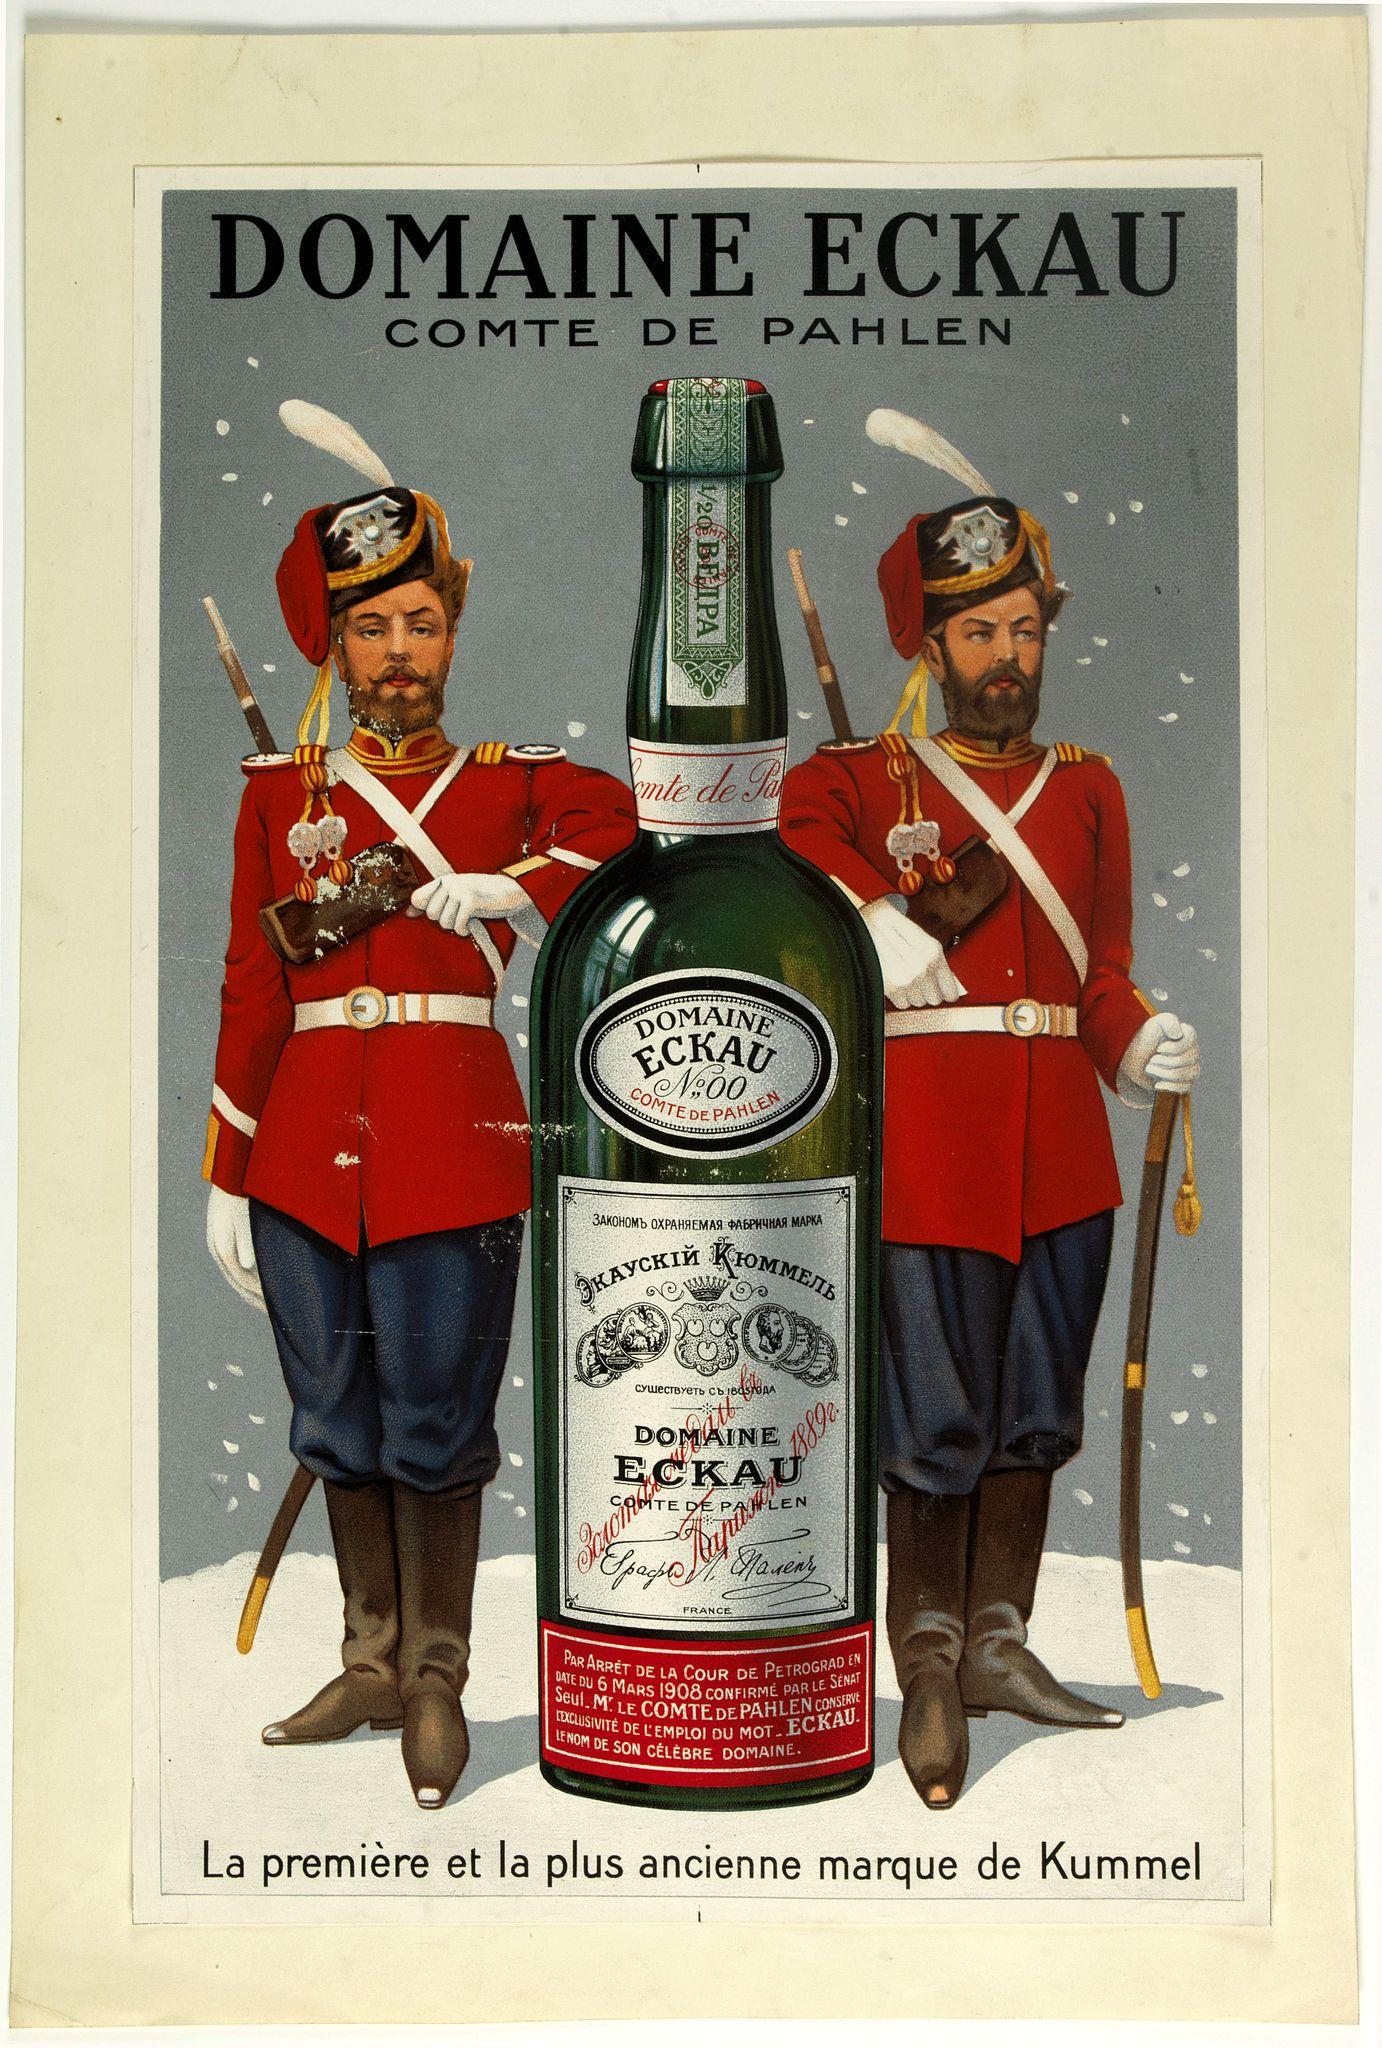 ANONYMOUS -  (Publicity)  Domaine Eckau comte de Pahlen. - La premiére et la plus ancienne marque de kummel.